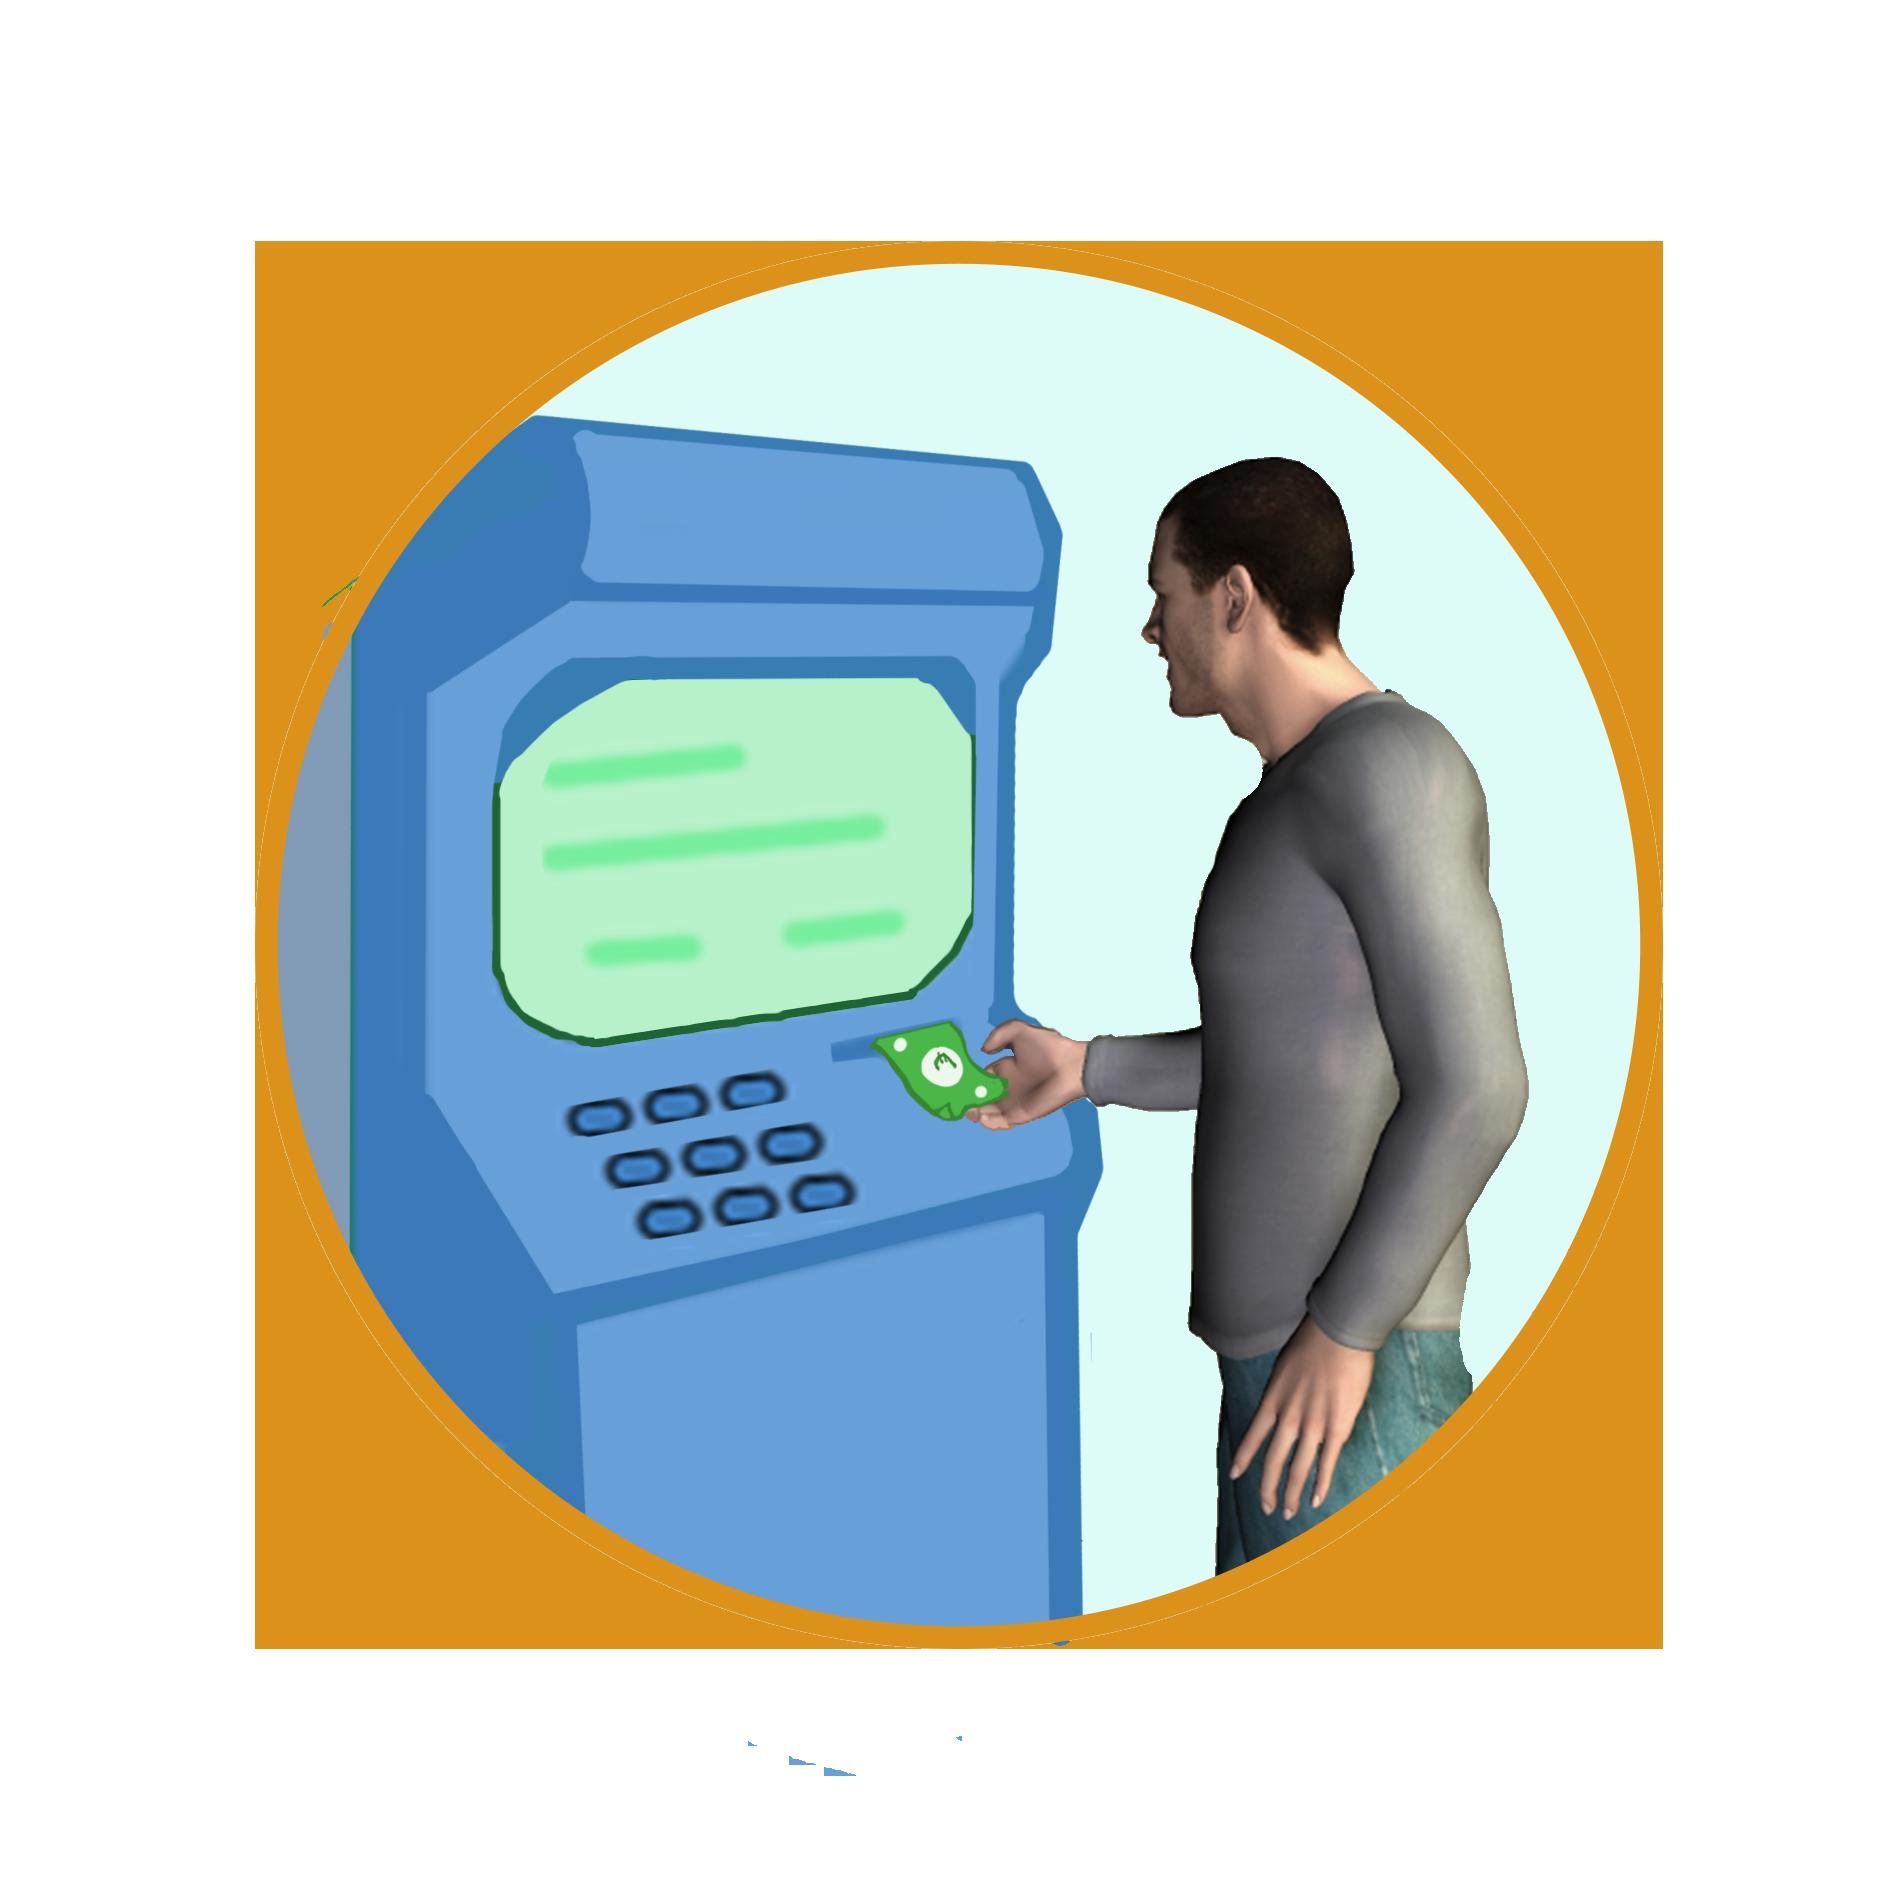 Acude al cajero y recoge el dinero de manera inmediata